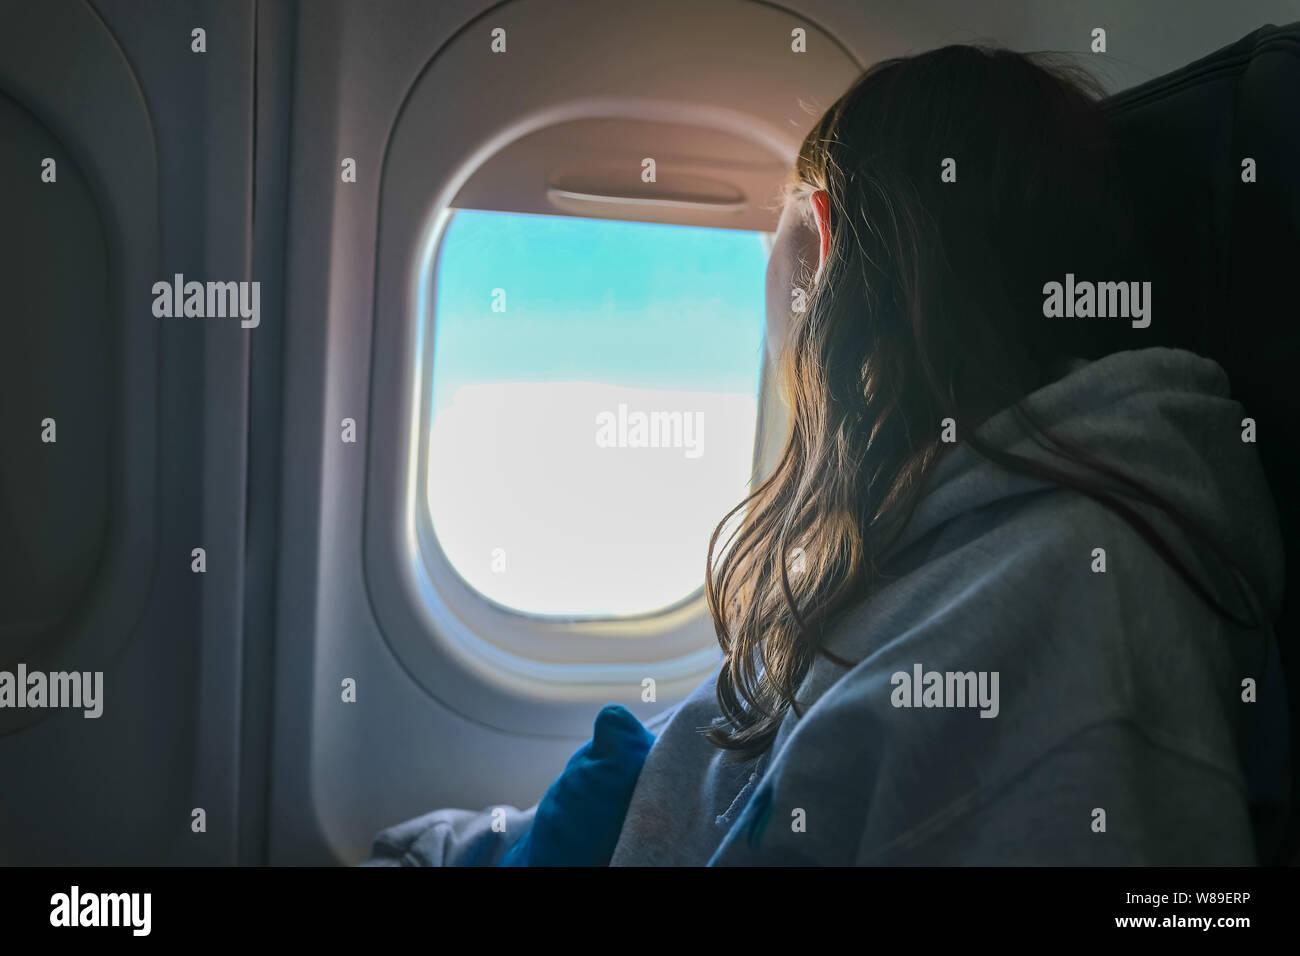 Chica mirando por la ventana del avión en vuelo mientras viaja Foto de stock